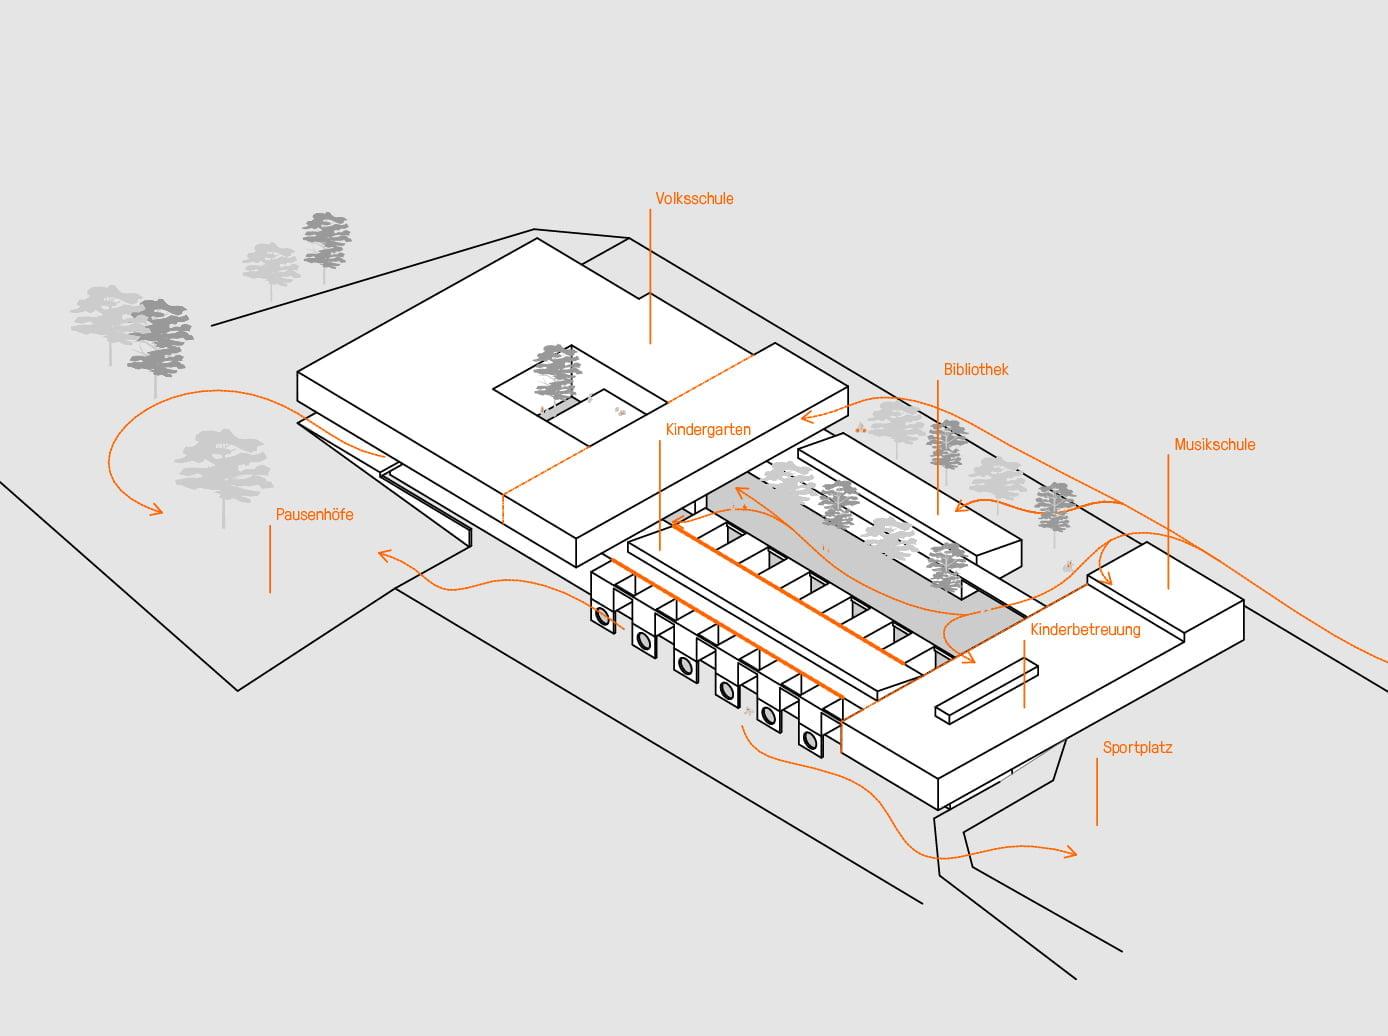 Gro artig wireframe arbeitsablaufdiagramm ideen der for Architektur axonometrie